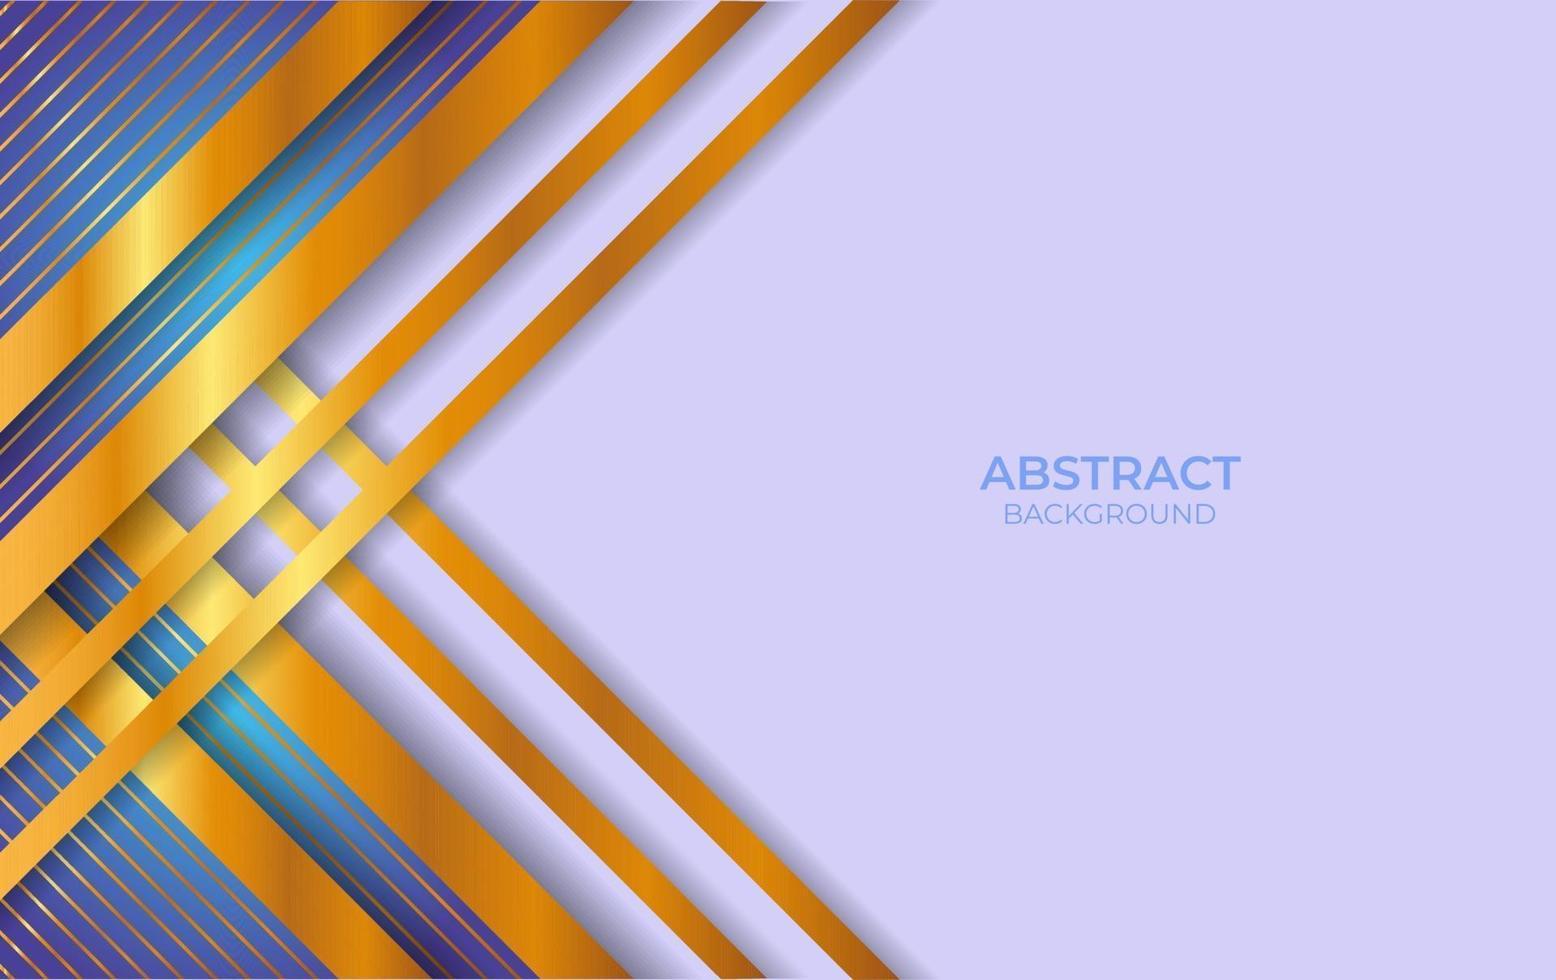 conception abstraite fond bleu et or vecteur